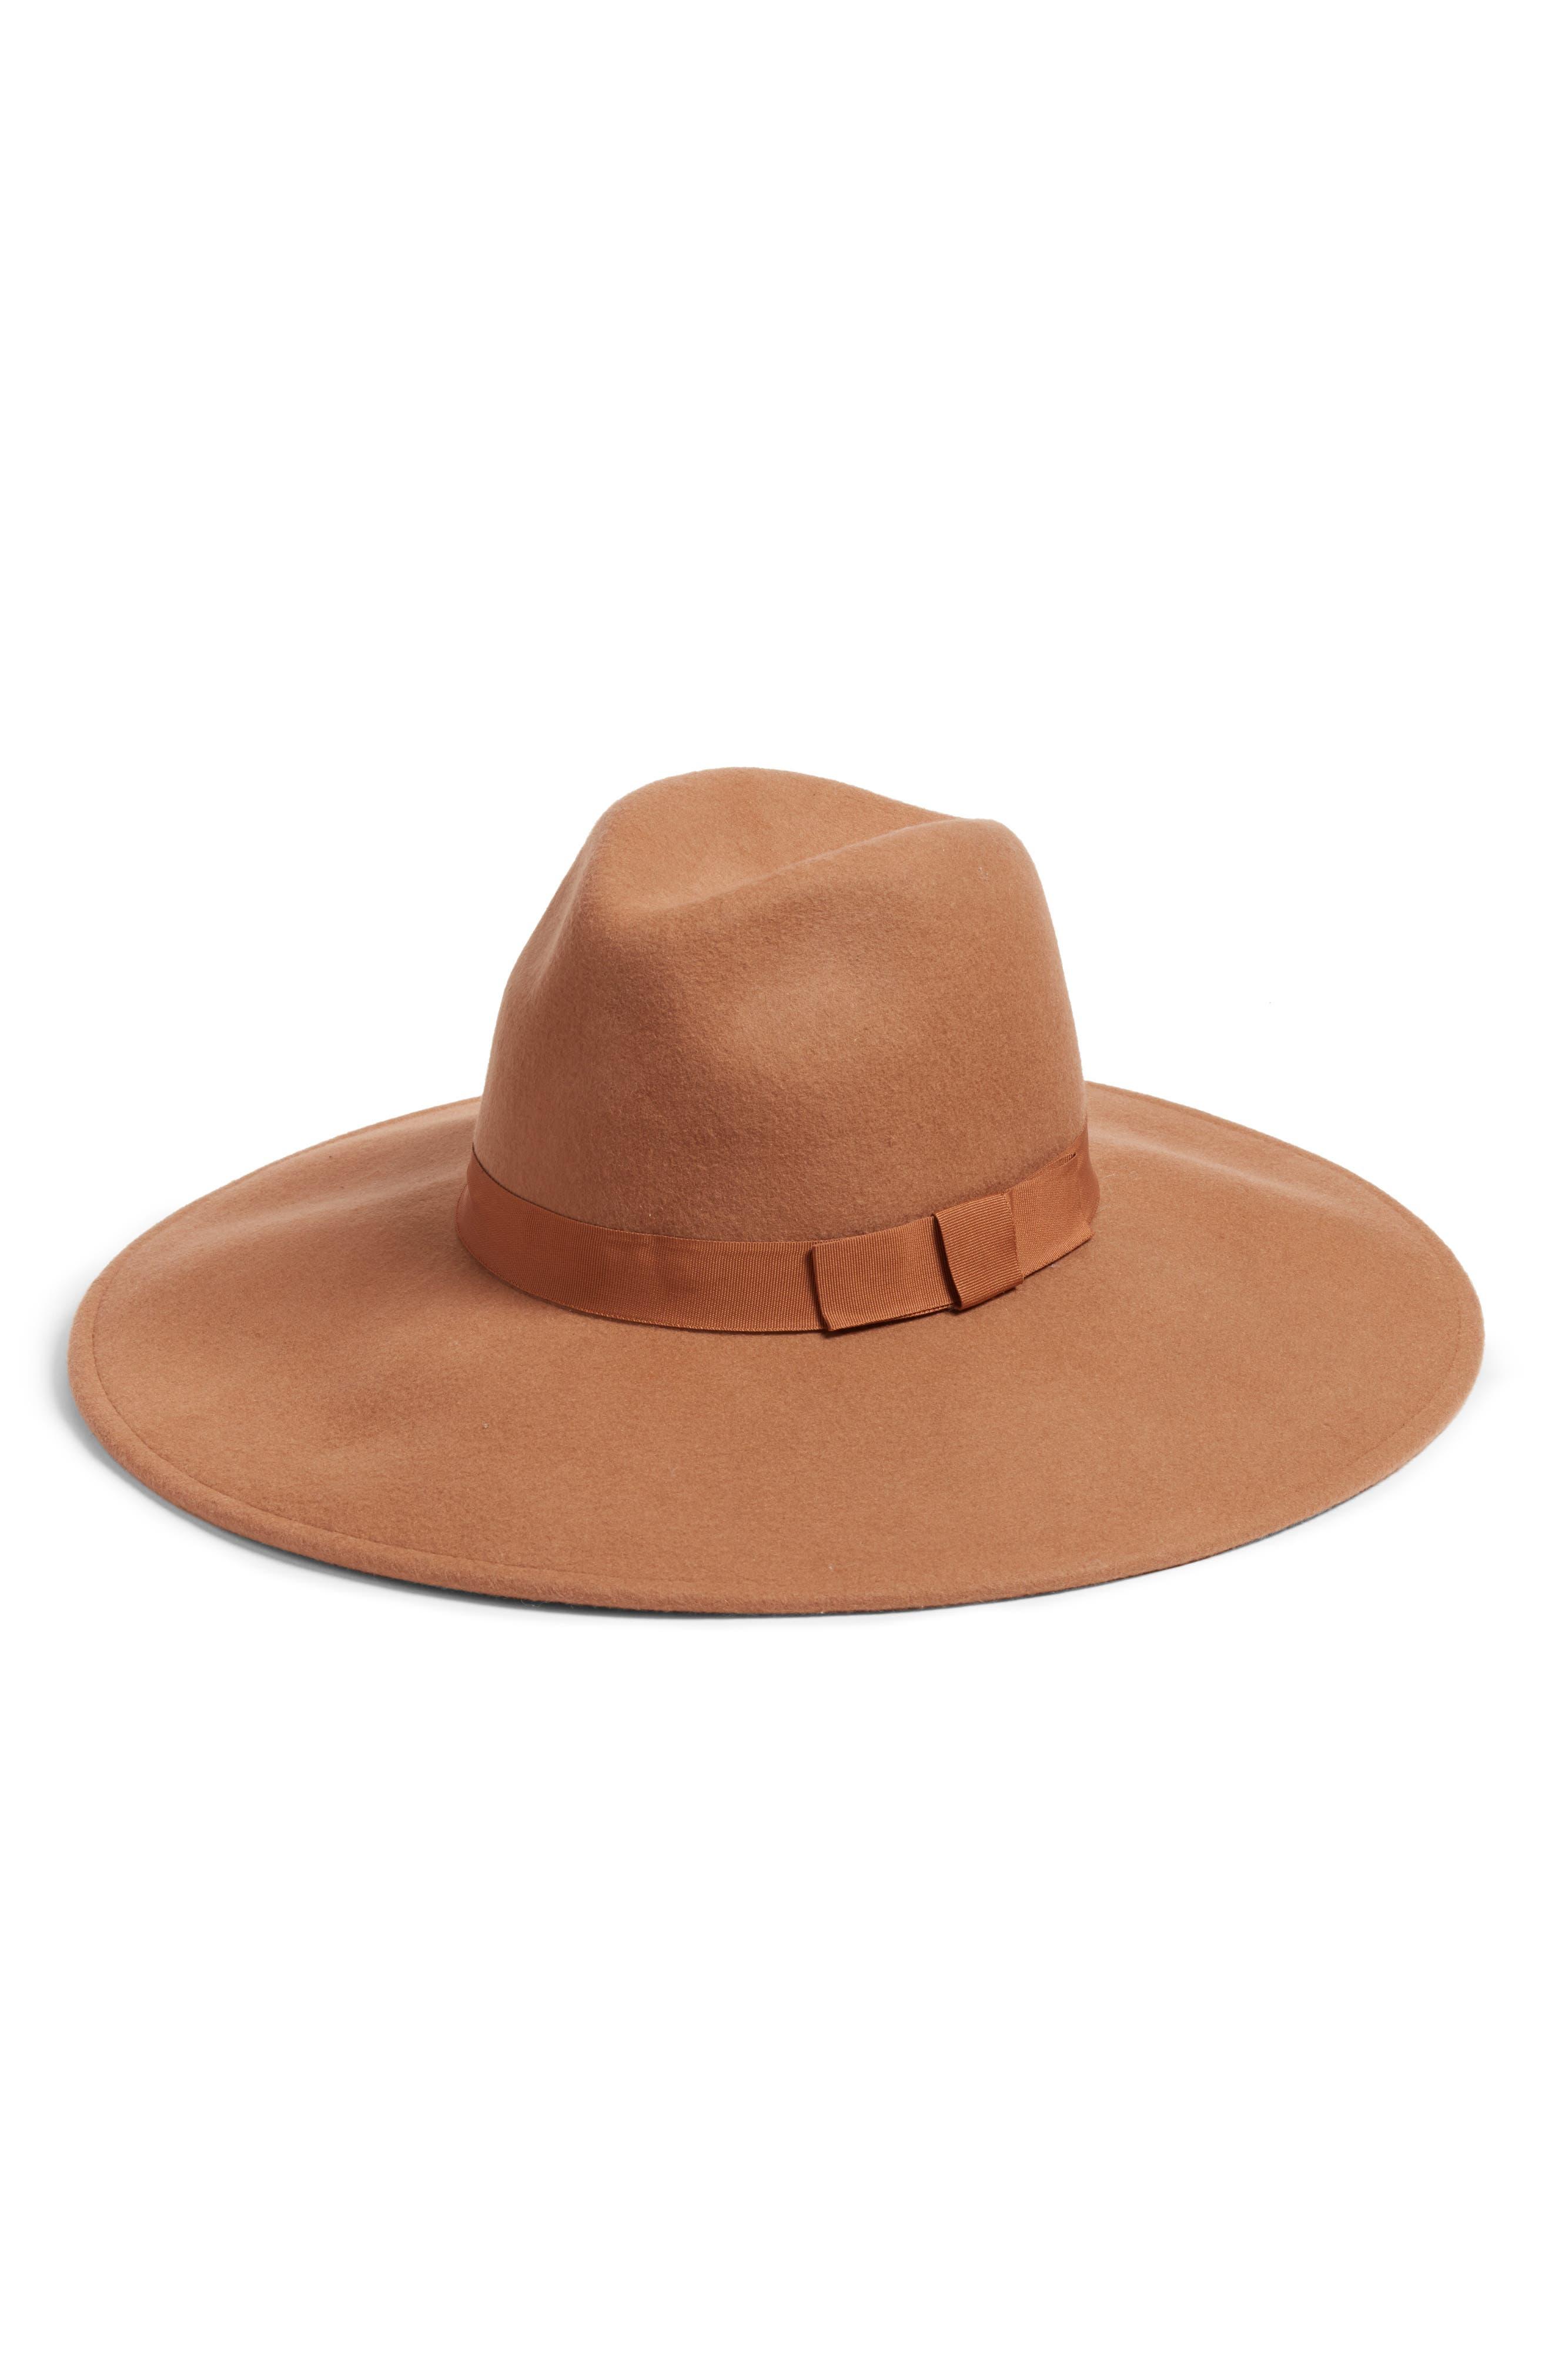 Kitsch Wide Brim Felt Panama Hat